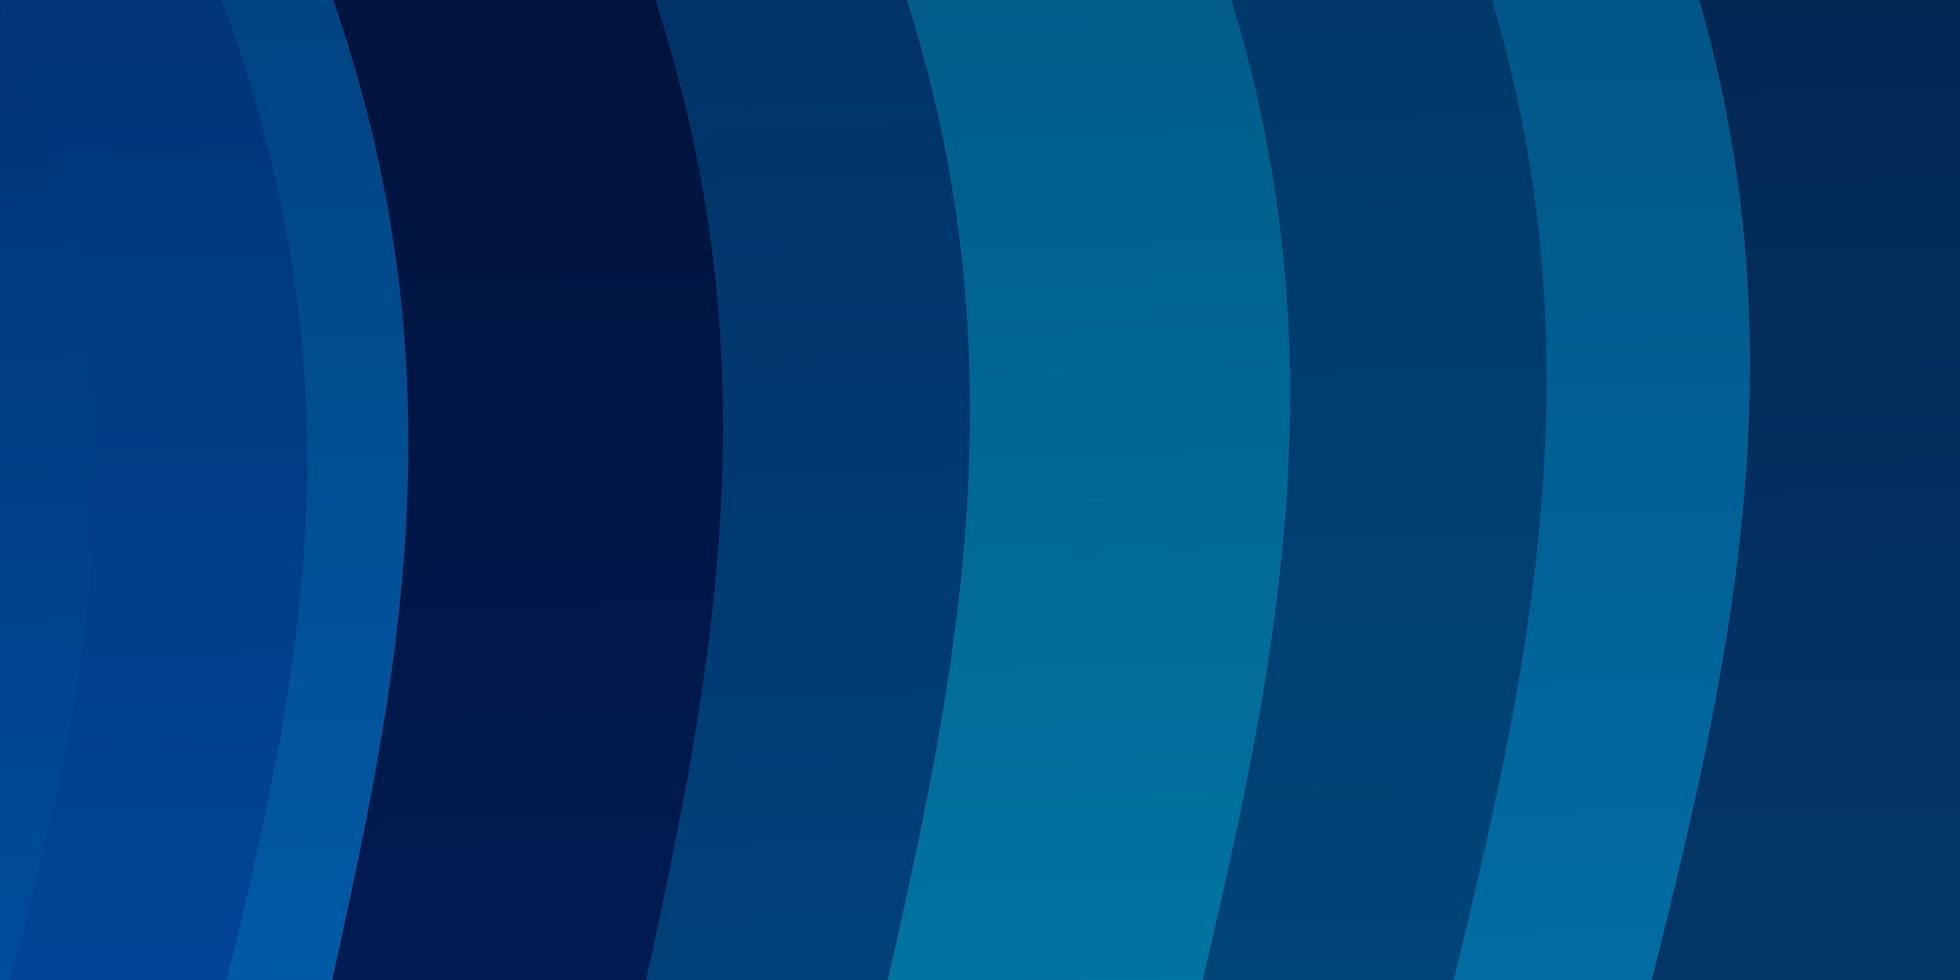 ljusblå vektor mönster med kurvor.